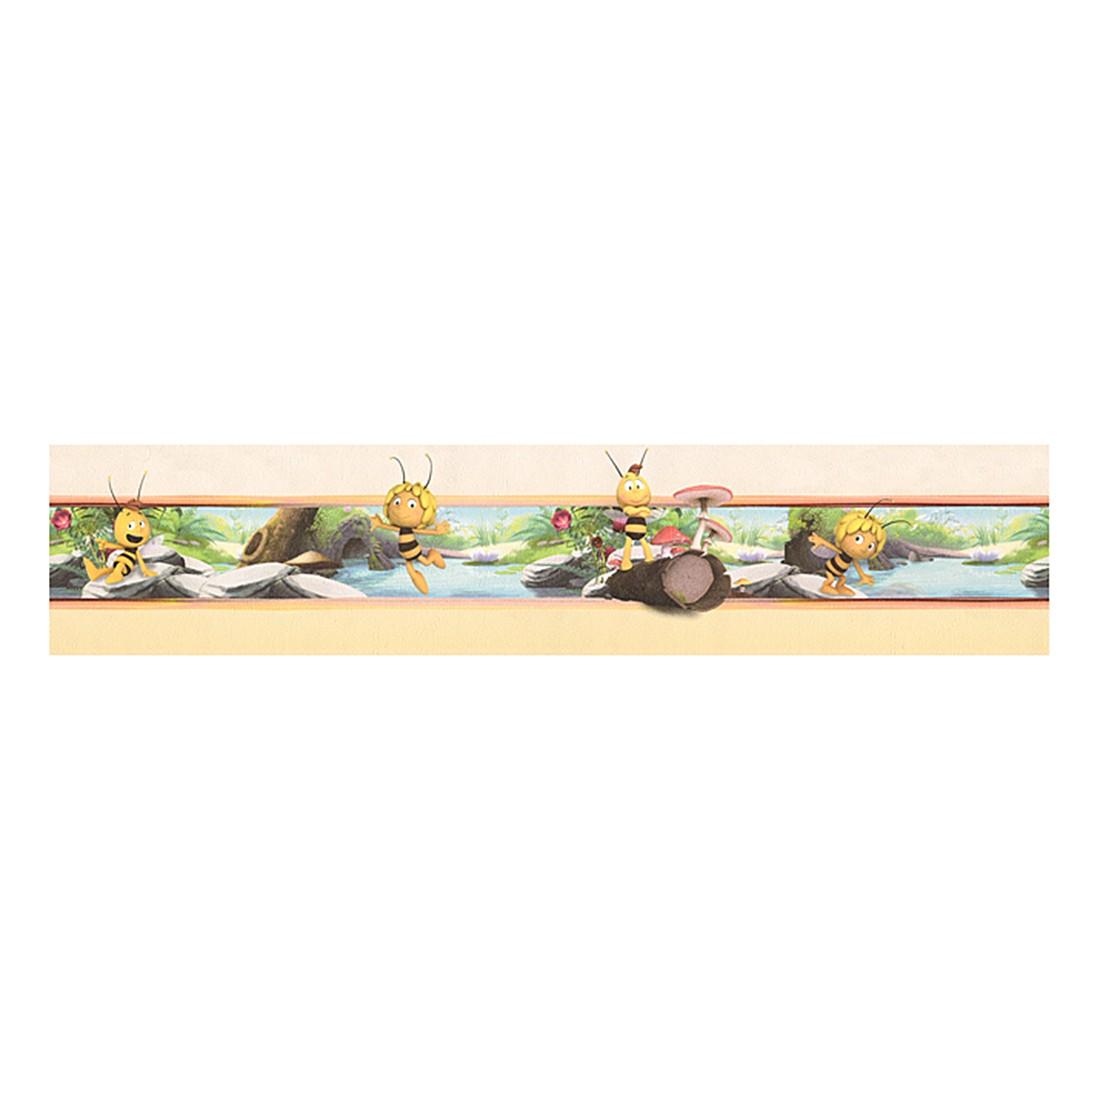 Bordüre Biene Maya – elfenbein – gelb – bunt – selbstklebend – fein strukturiert, Home24Deko günstig bestellen